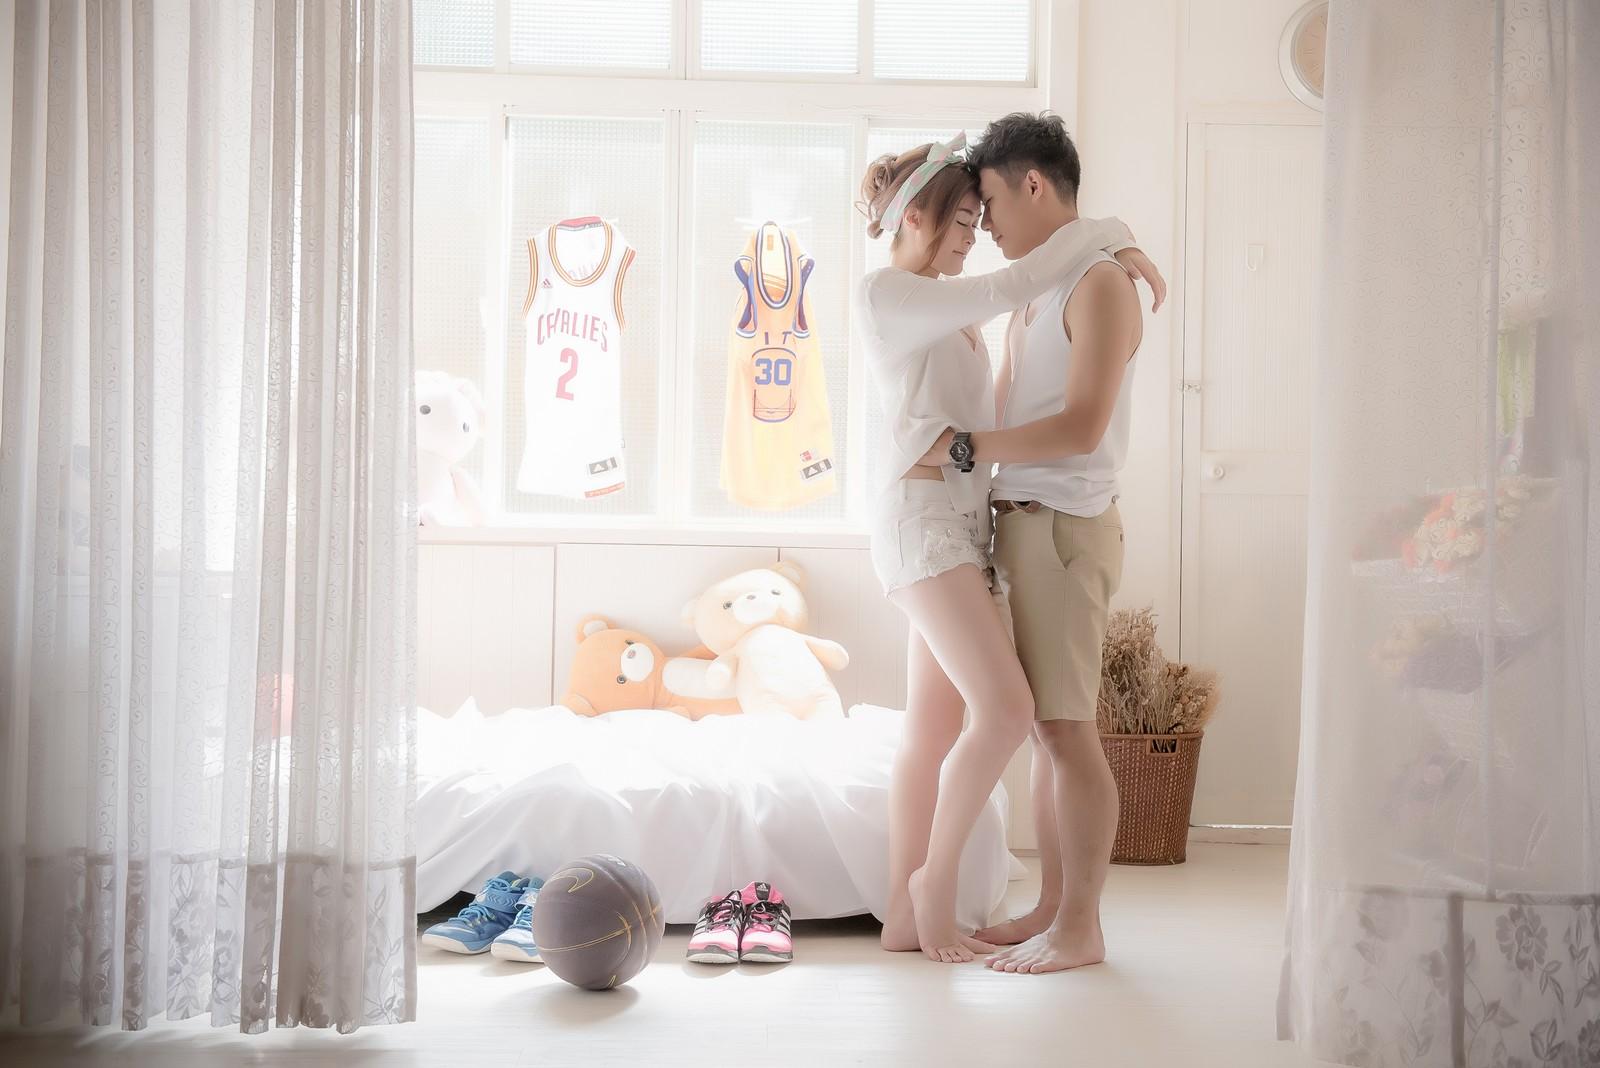 情侶寫真,情侶照,情侶攝影,情侶婚紗